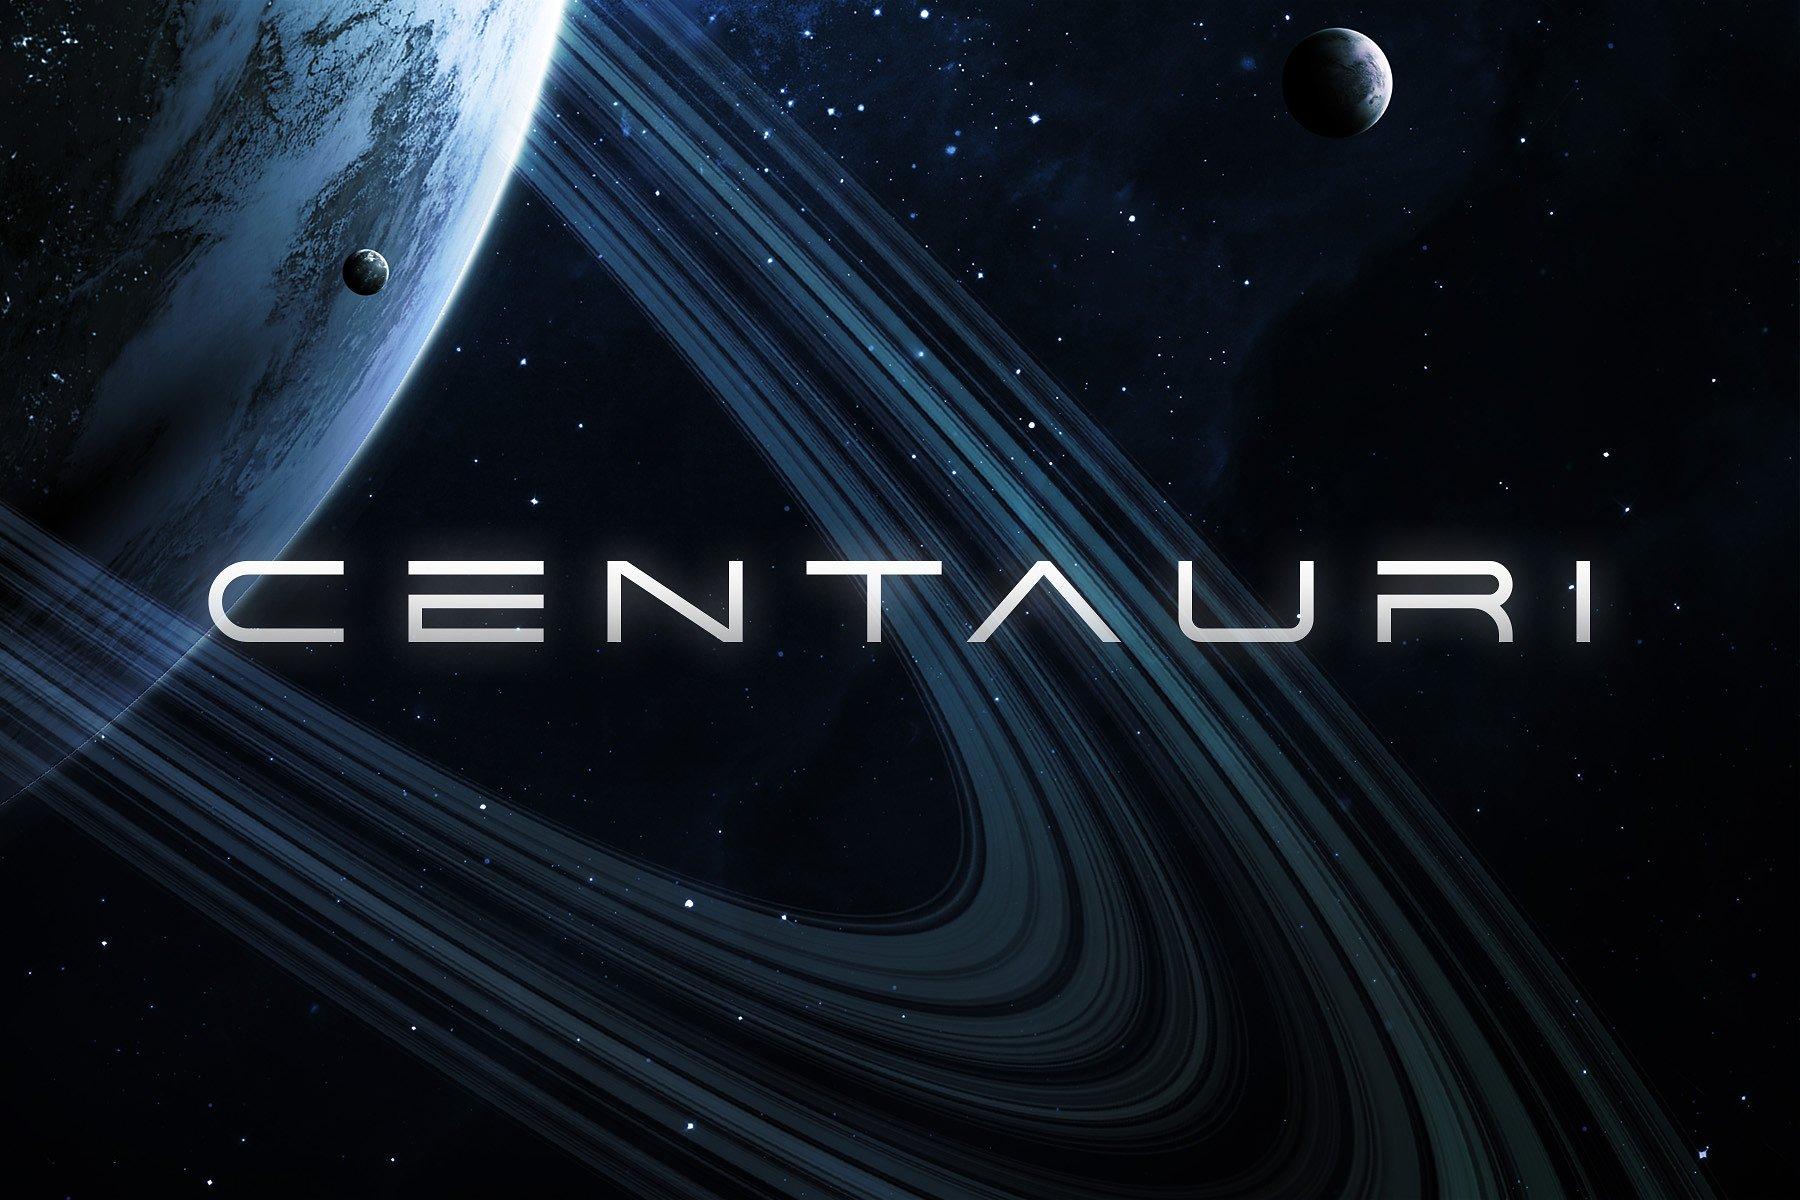 Centauri无衬线创意科技科幻logo英文字体下载